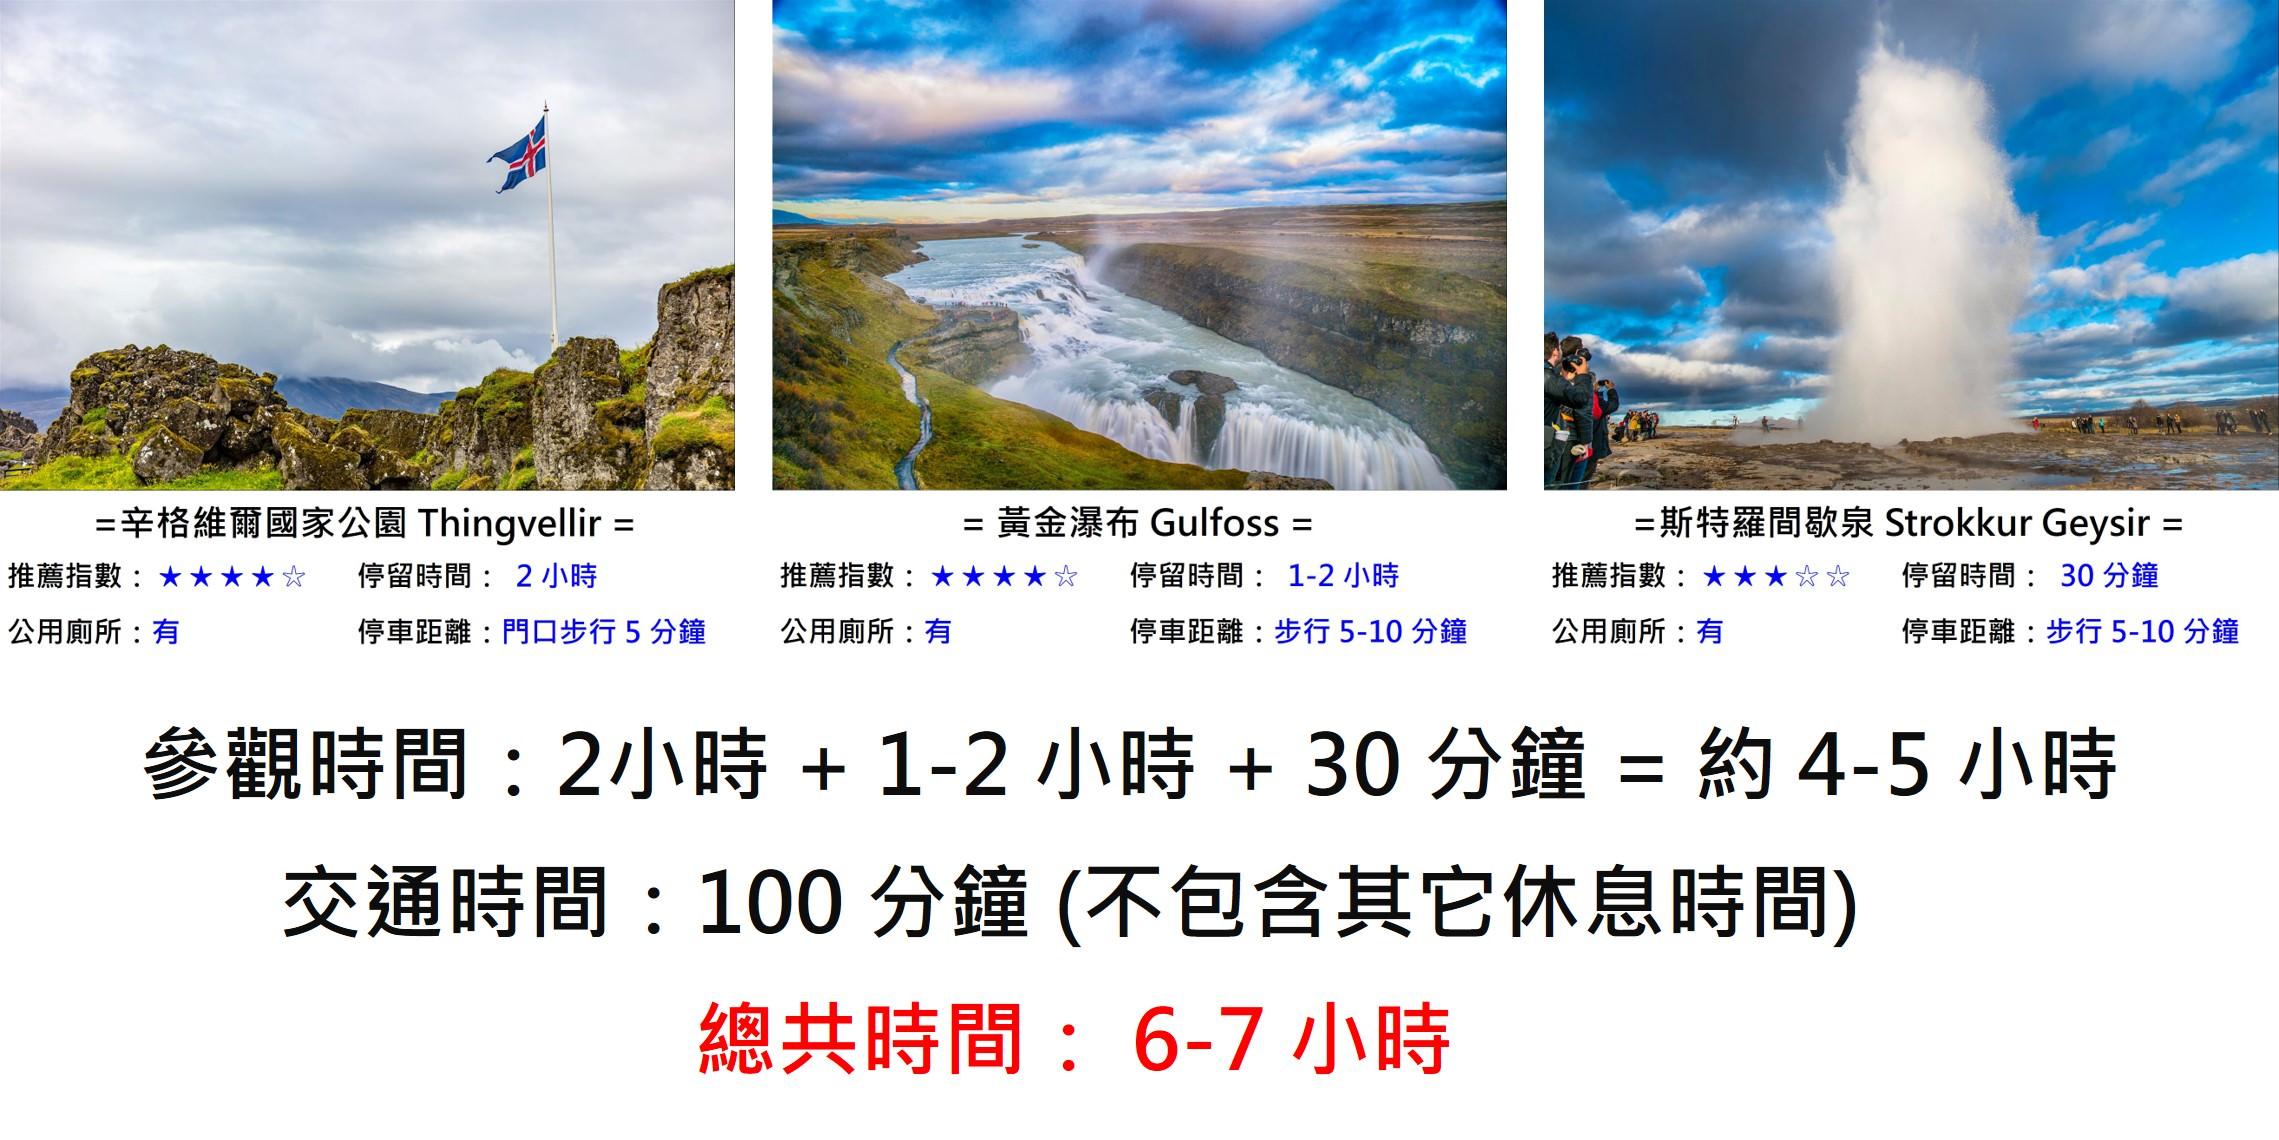 冰島行程規畫教學